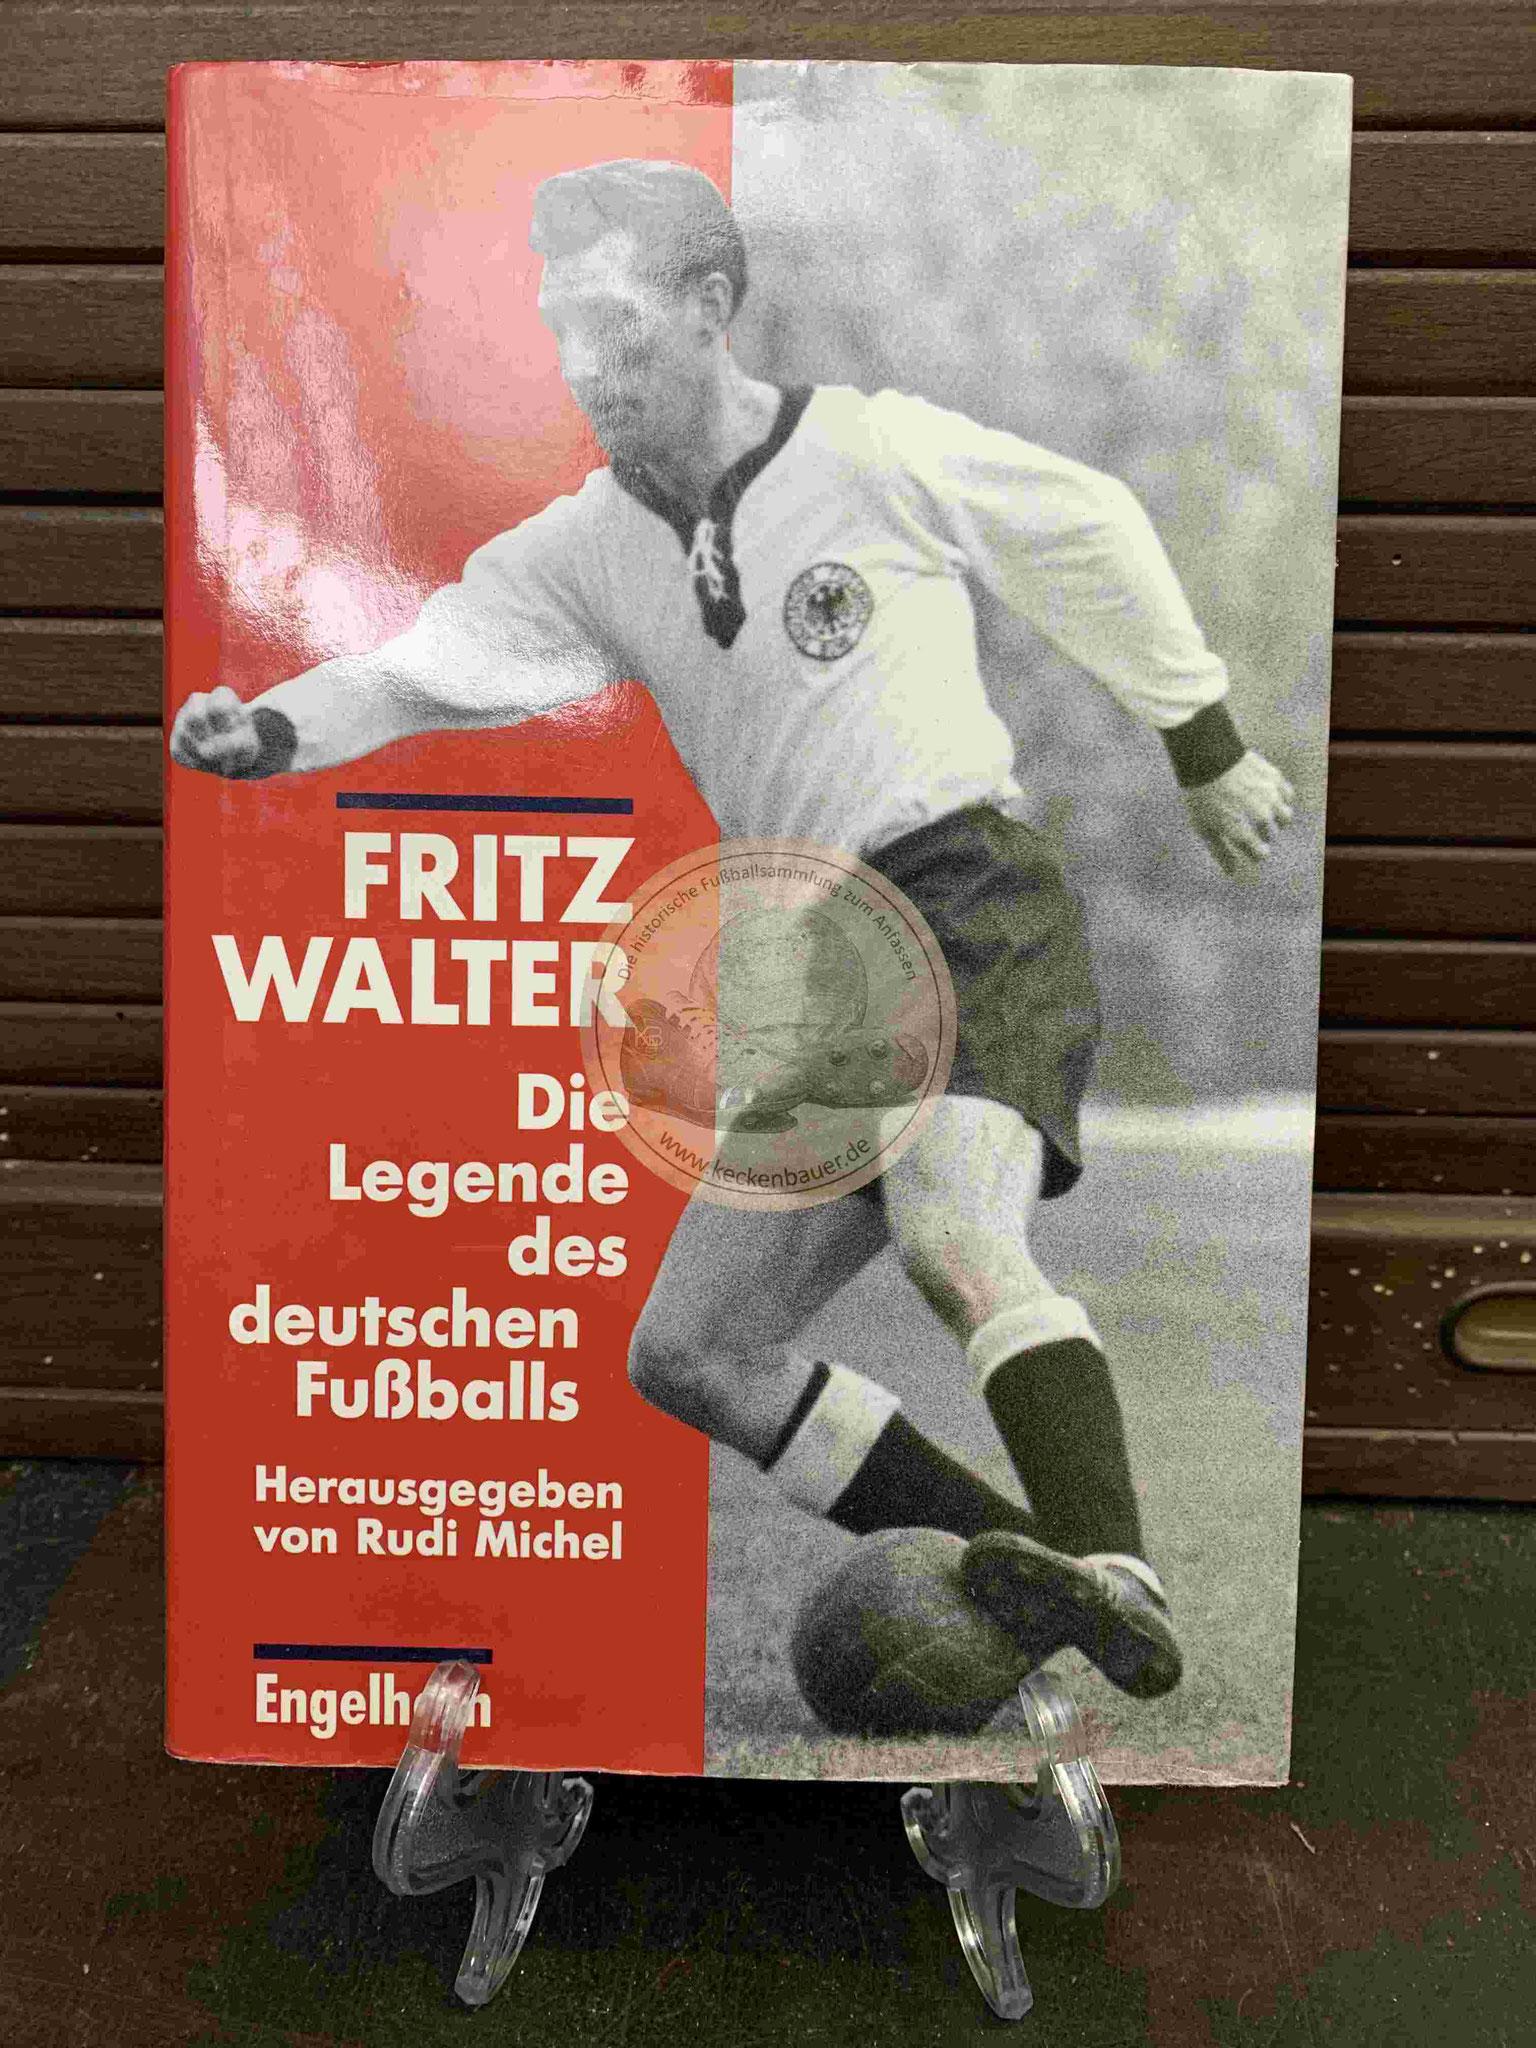 Fritz Walter Die Legenden des deutschen Fußballs aus dem Jahr 1995